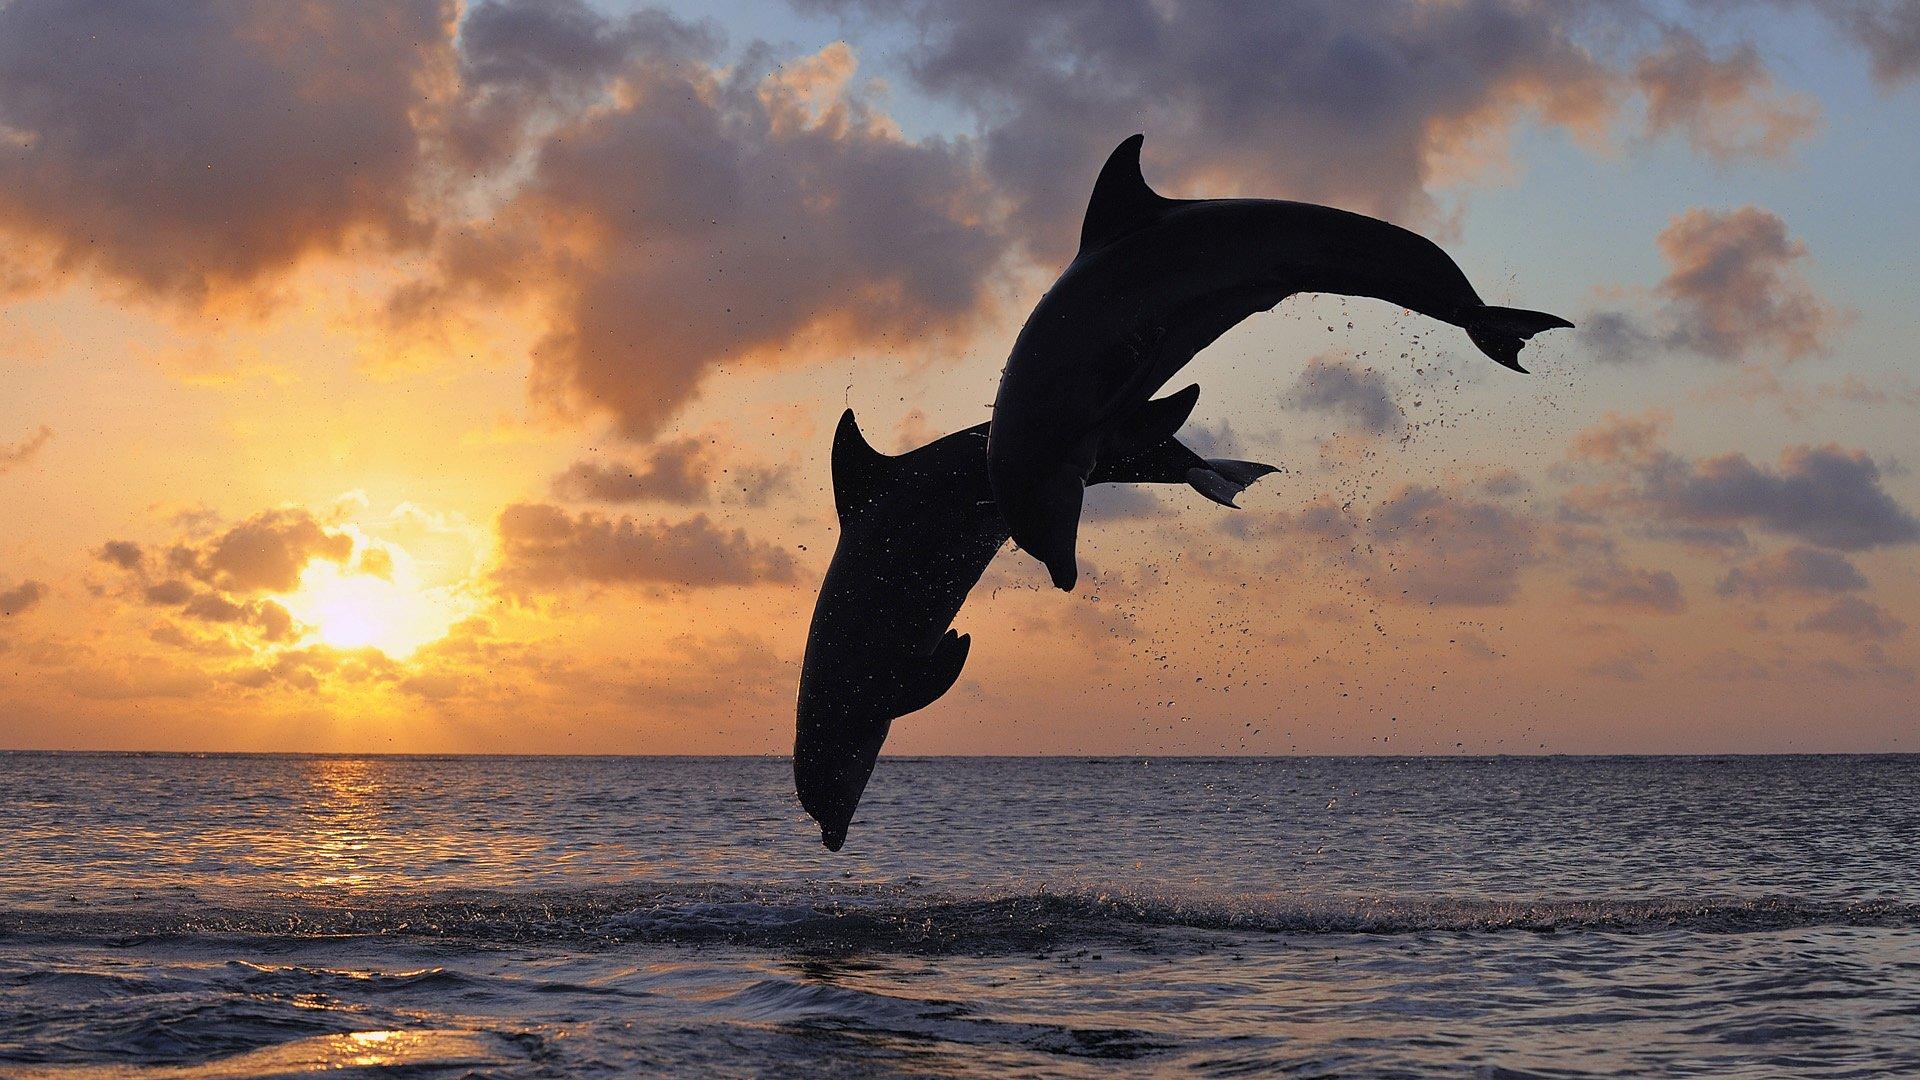 Картинки с морем и дельфинами, день радость моя